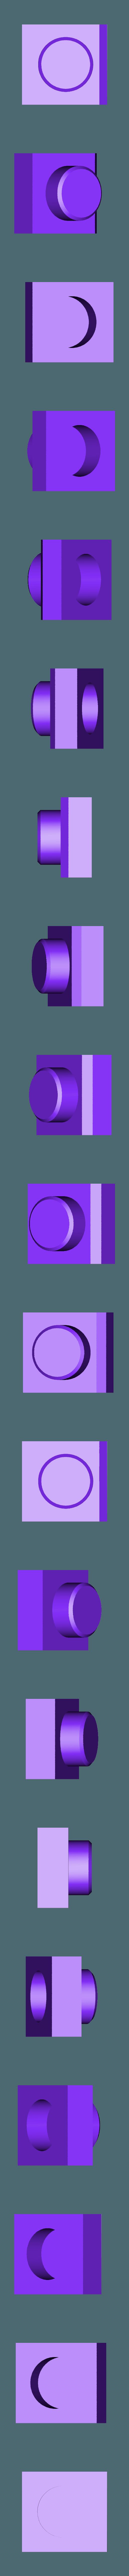 Extruder_Spring_Washer_v1-1_4mm.STL Télécharger fichier STL gratuit Monture Nautilus (RigidBot E3D v6) • Objet pour impression 3D, WalterHsiao